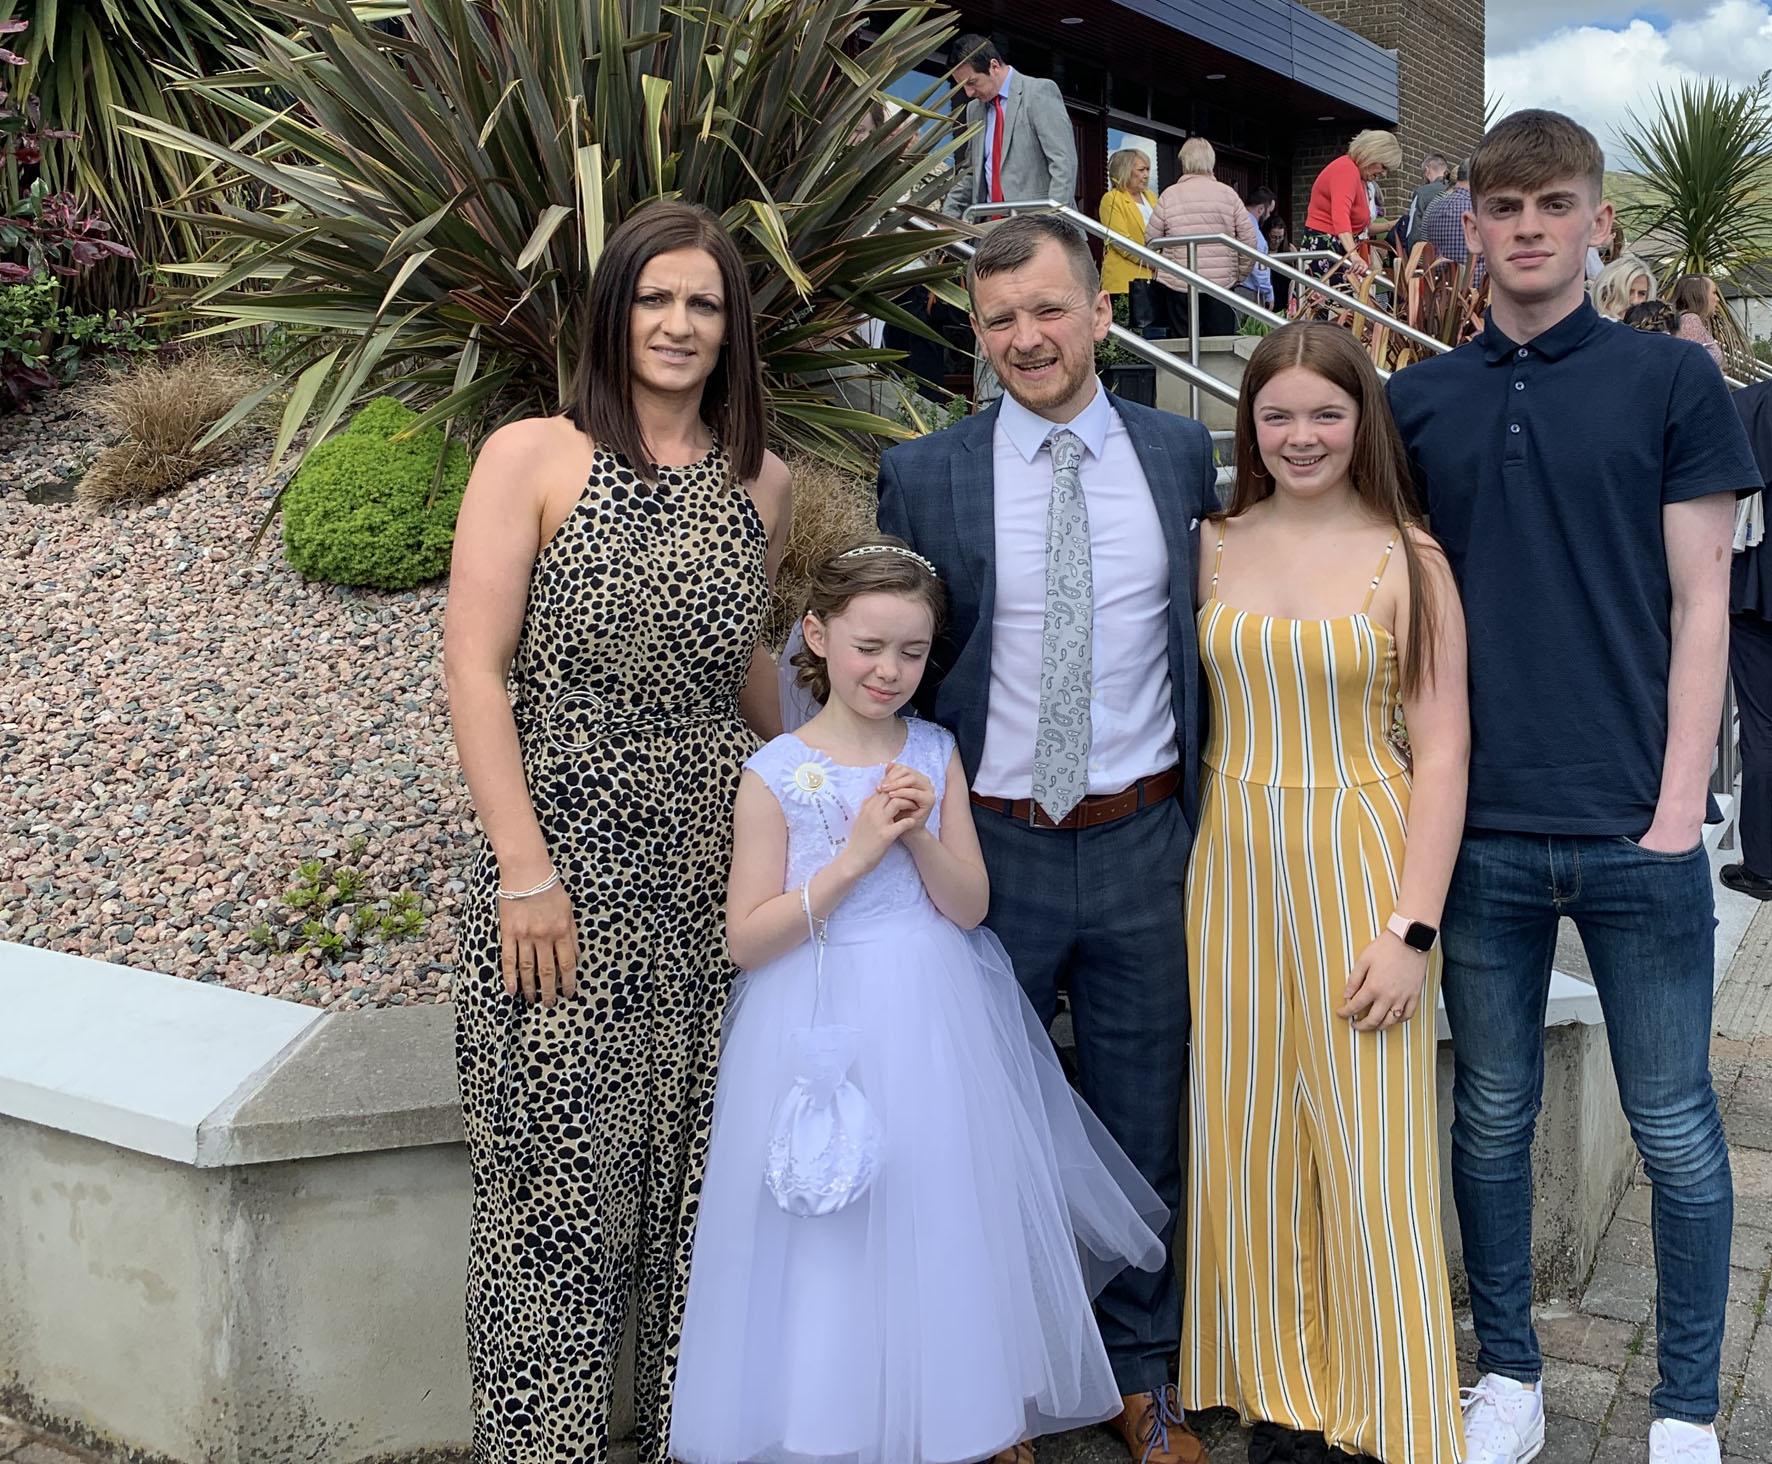 Sean mac manais and family